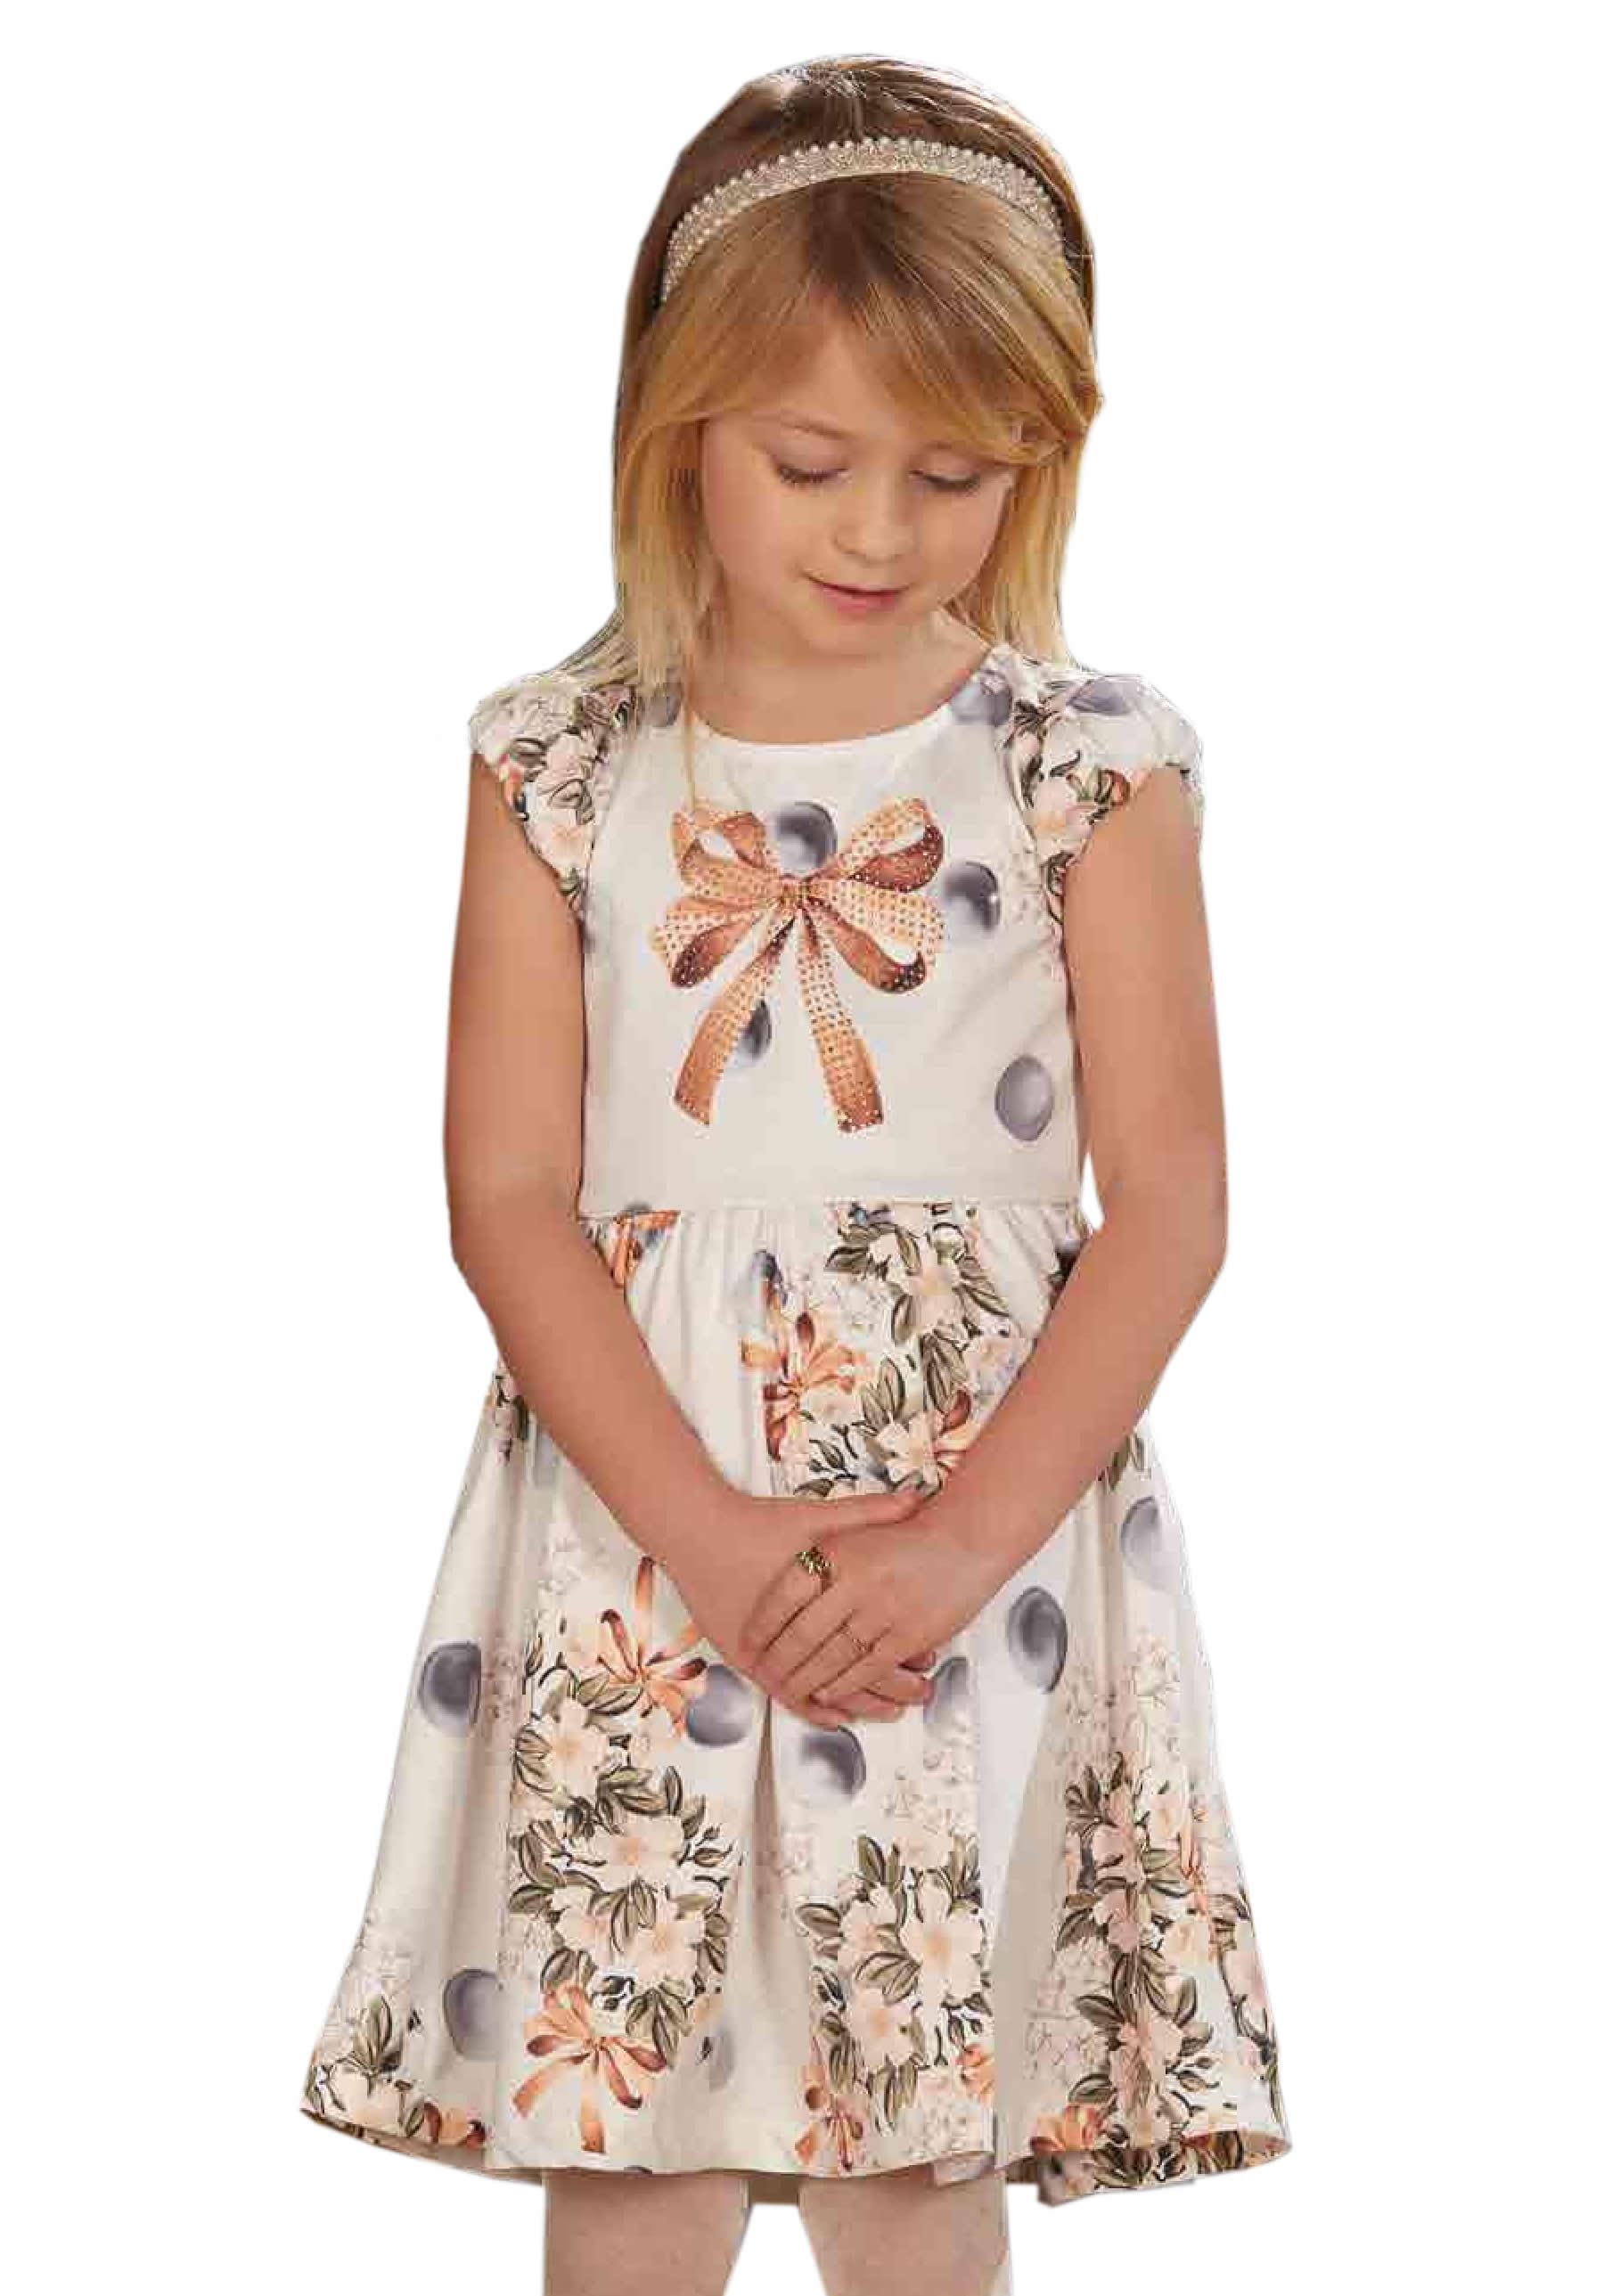 Vestido Infantil em Super Cetim Estampa Laço com Brilho e Flores - Infanti 4t